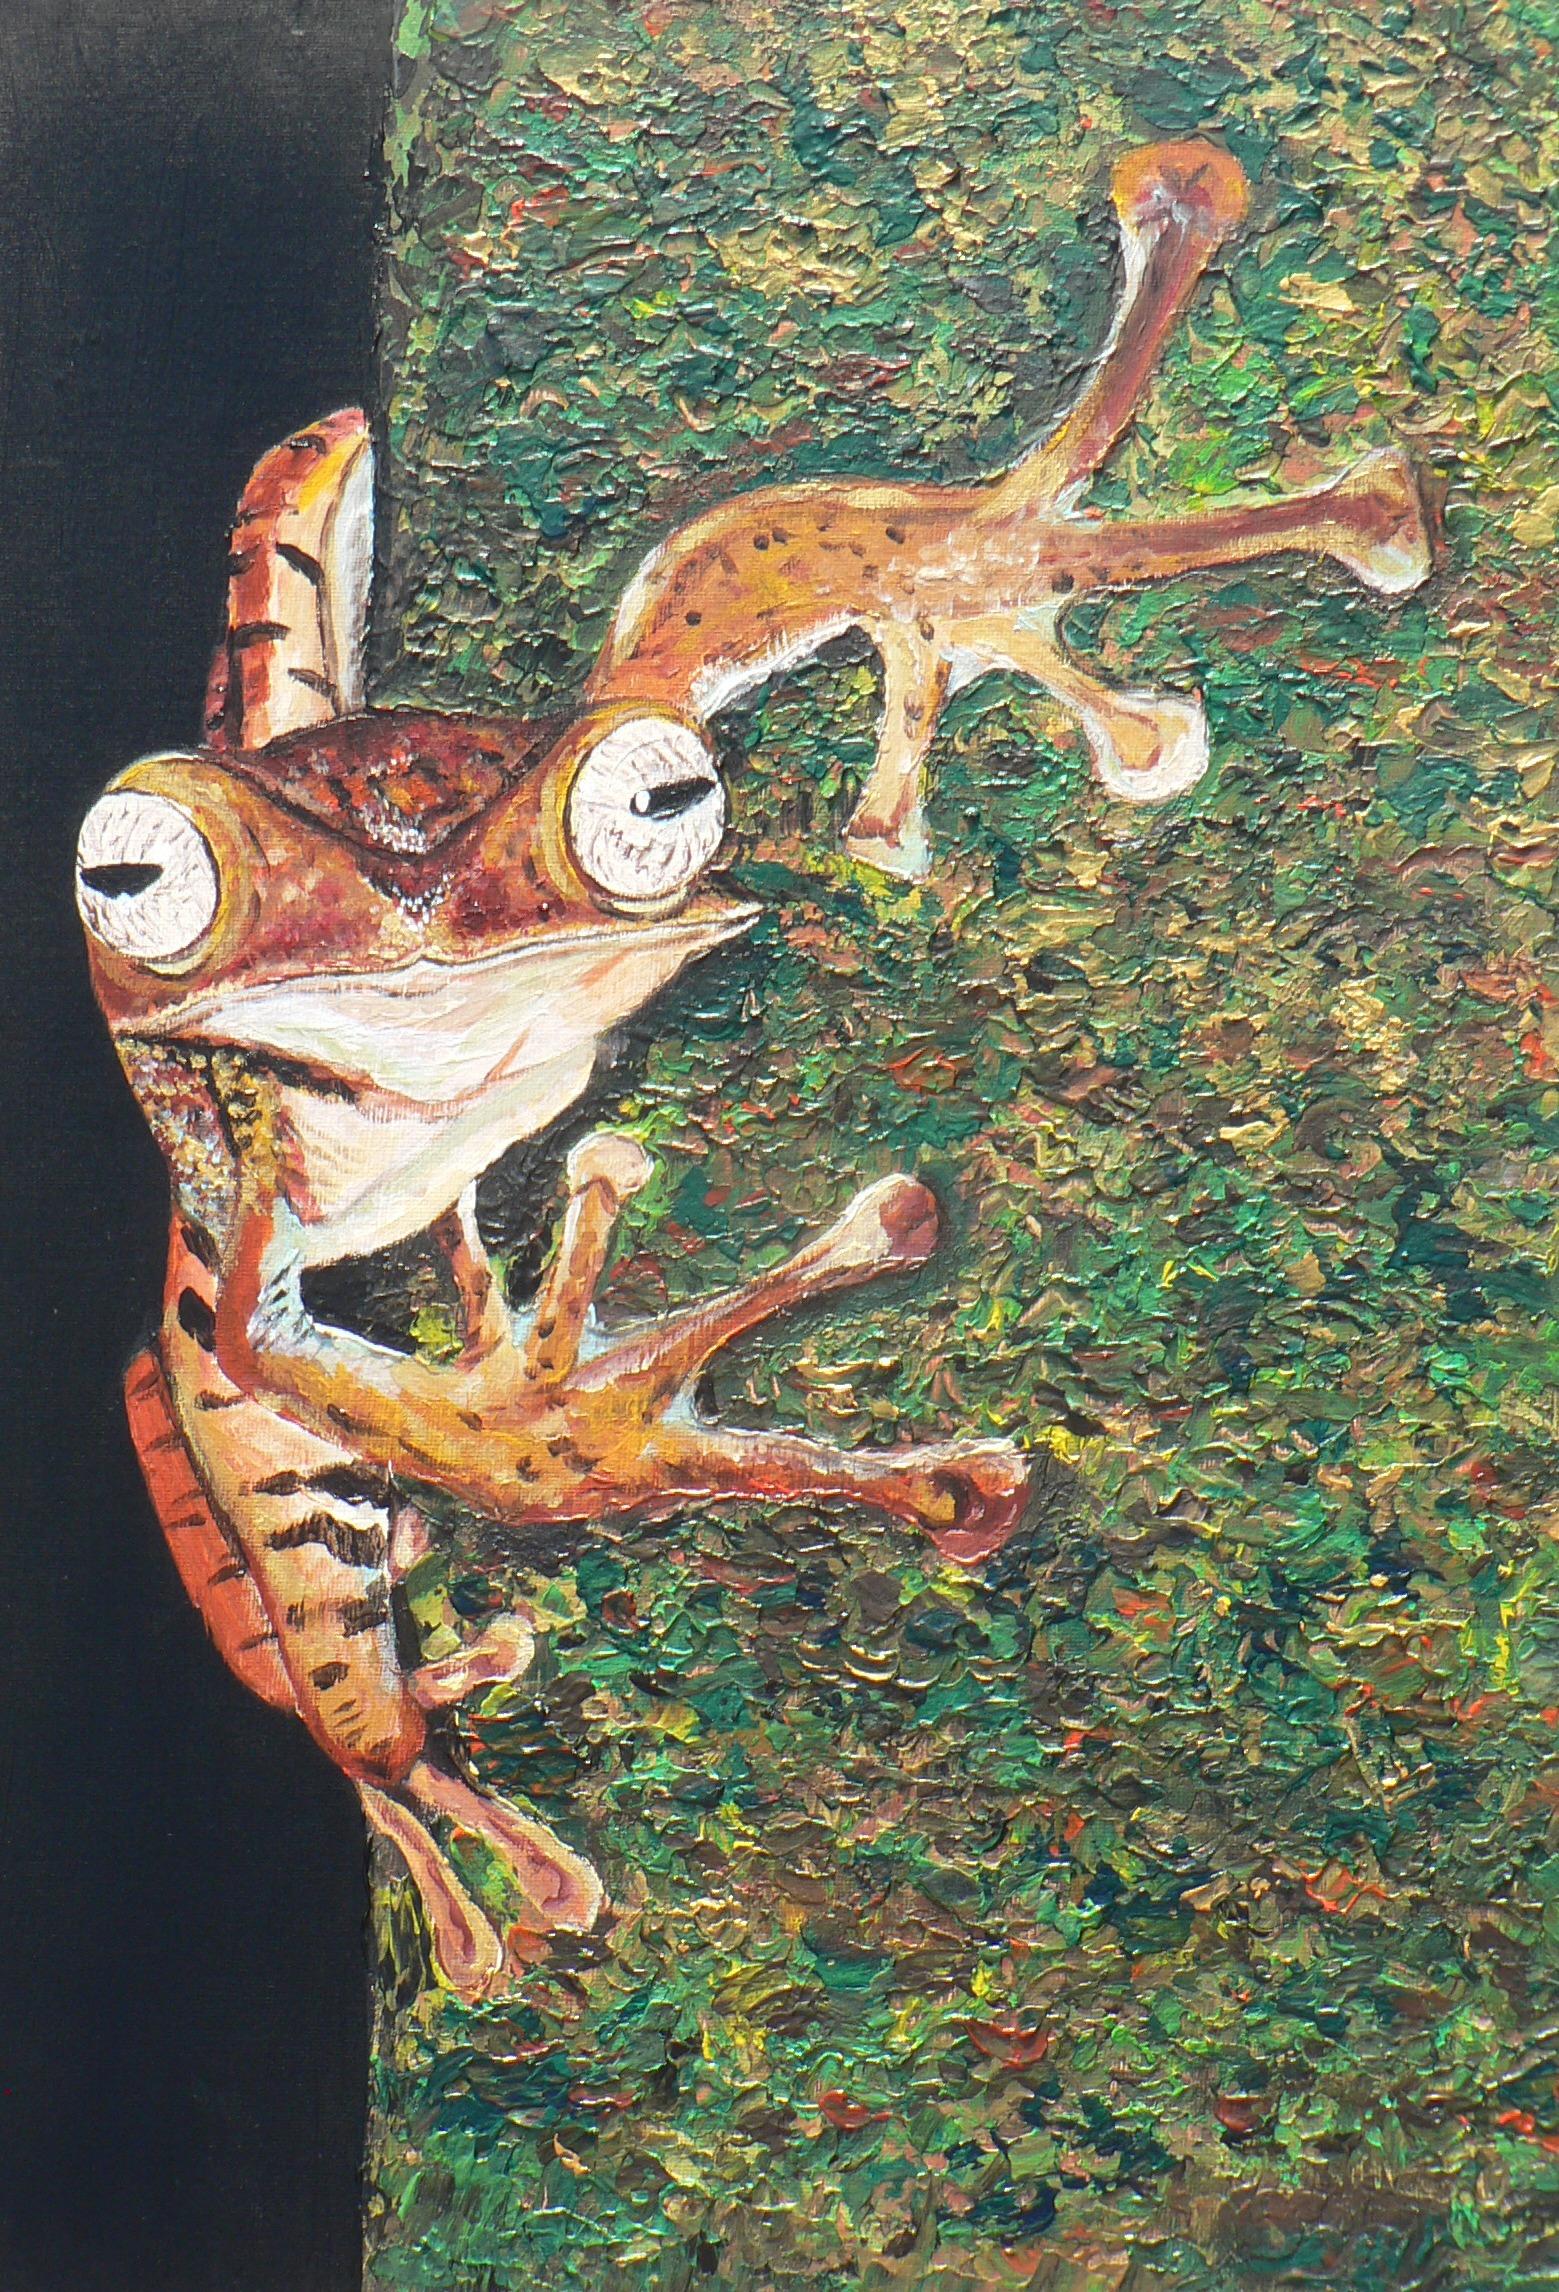 Tree Frog, Acrylic